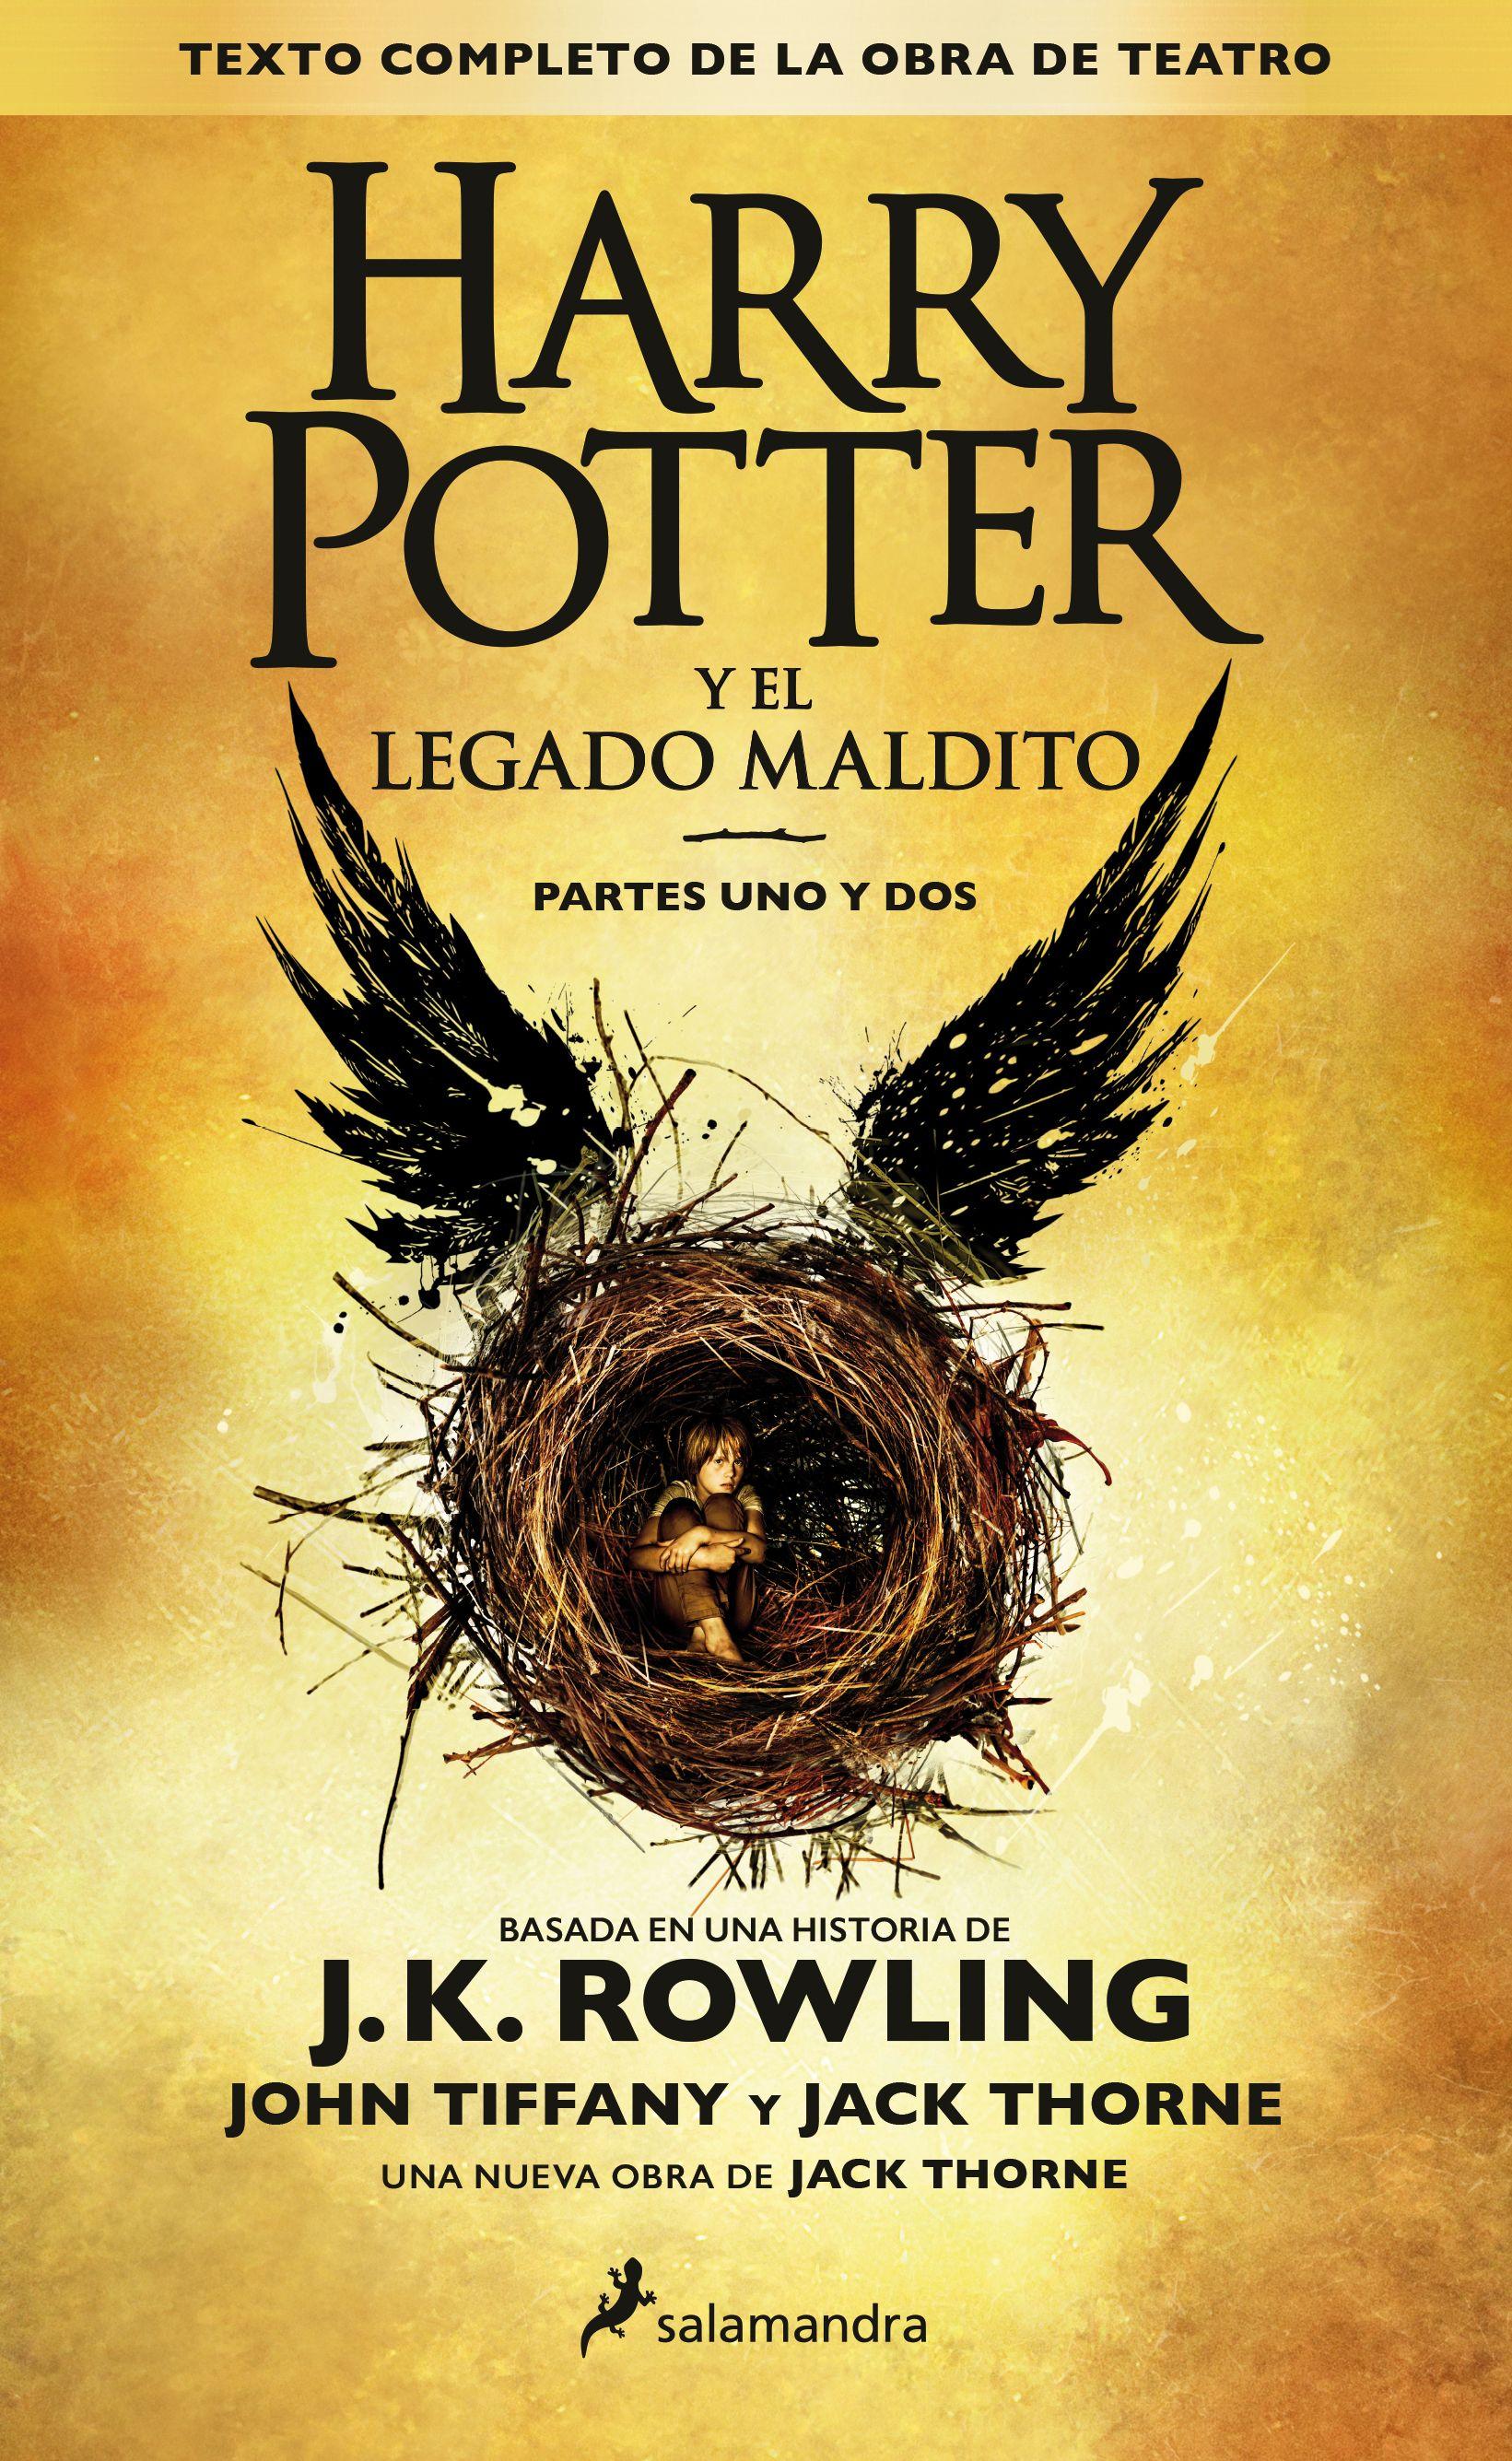 Reseña: Harry Potter y El legado maldito #8. Partes 1 y 2 - J. K. Rowling, John Tiffany y Jack Thorne